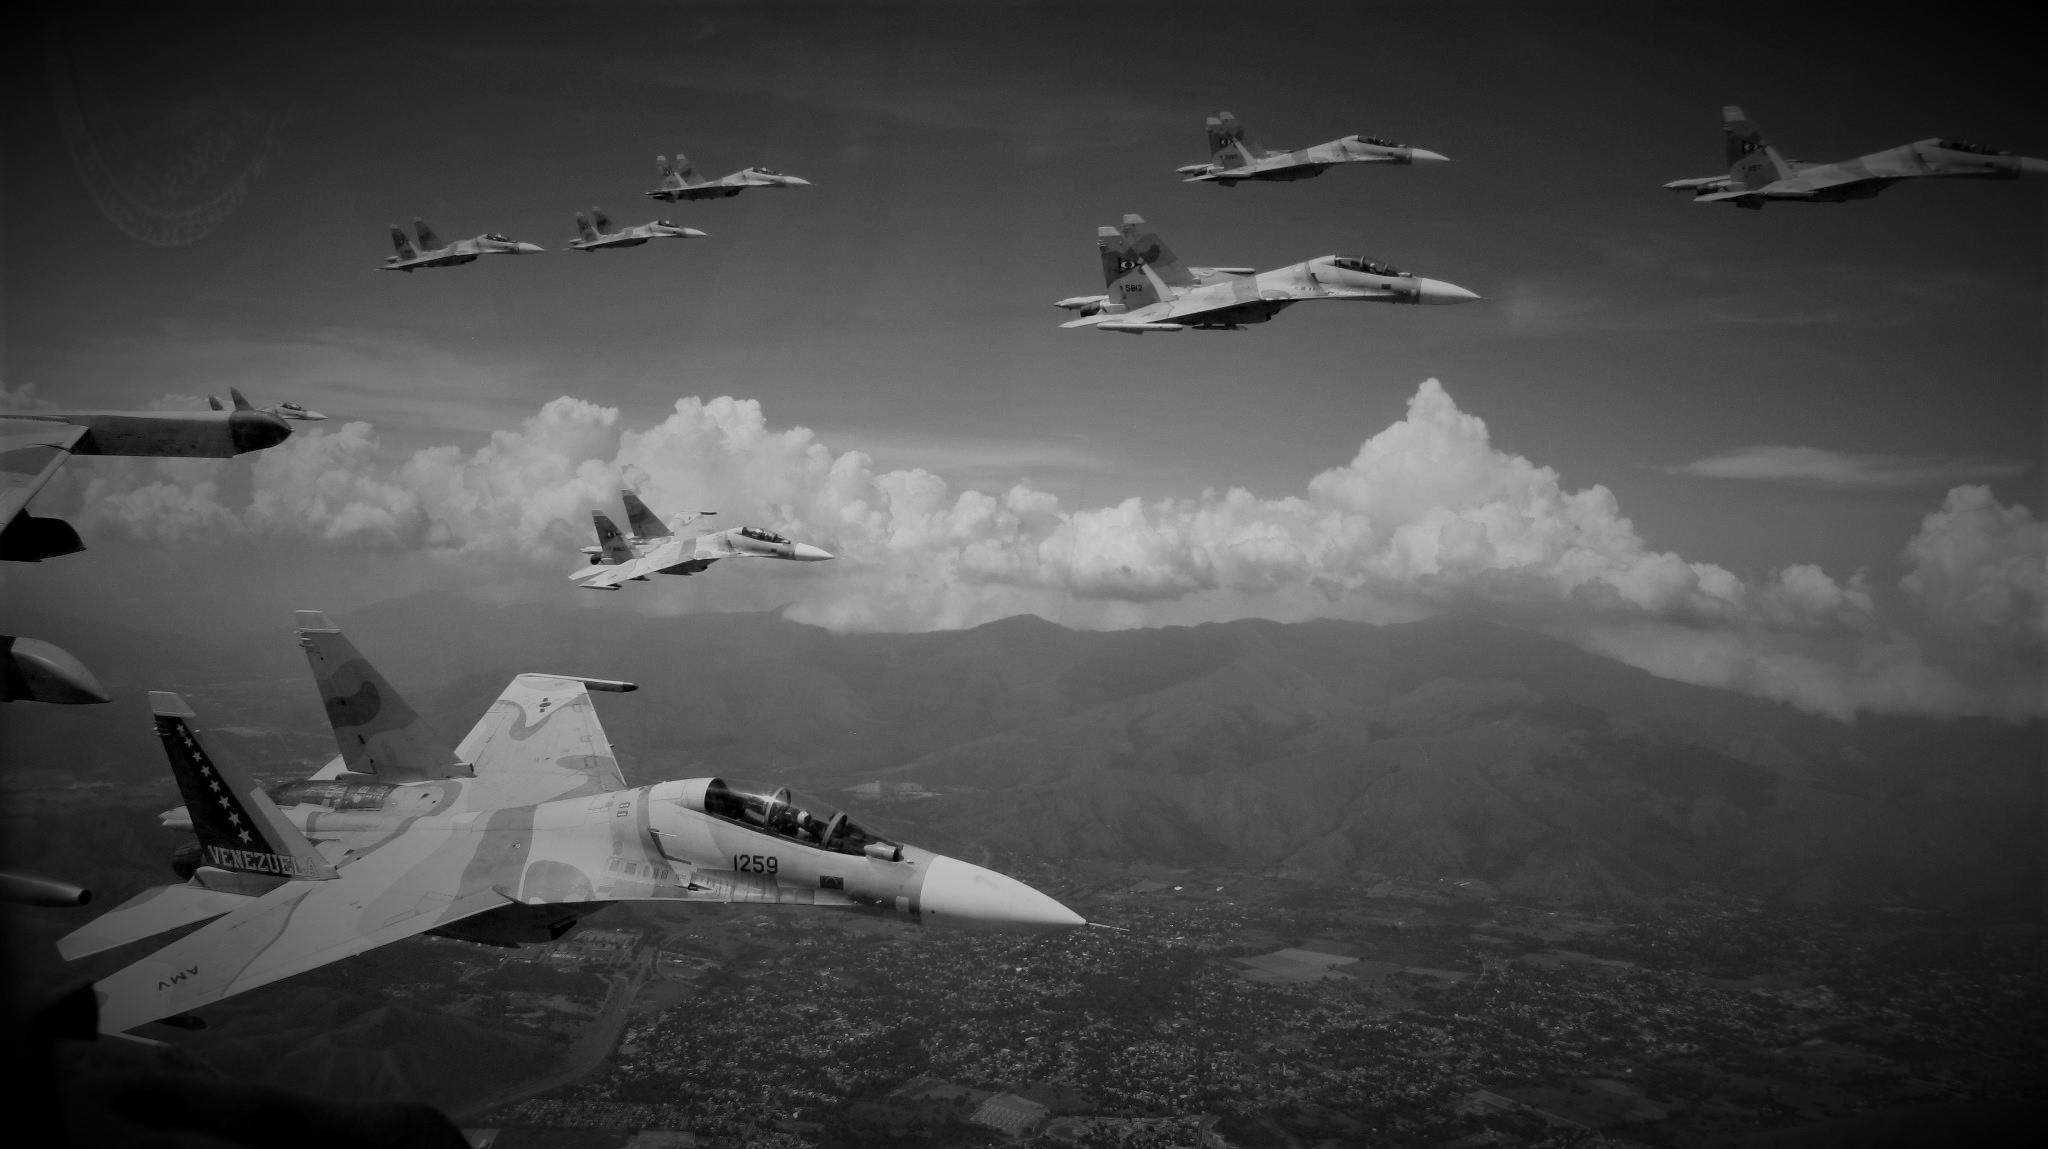 Military Watch Magazine: ¿Venezuela posee la Fuerza Aérea más potente de Latinoamérica?